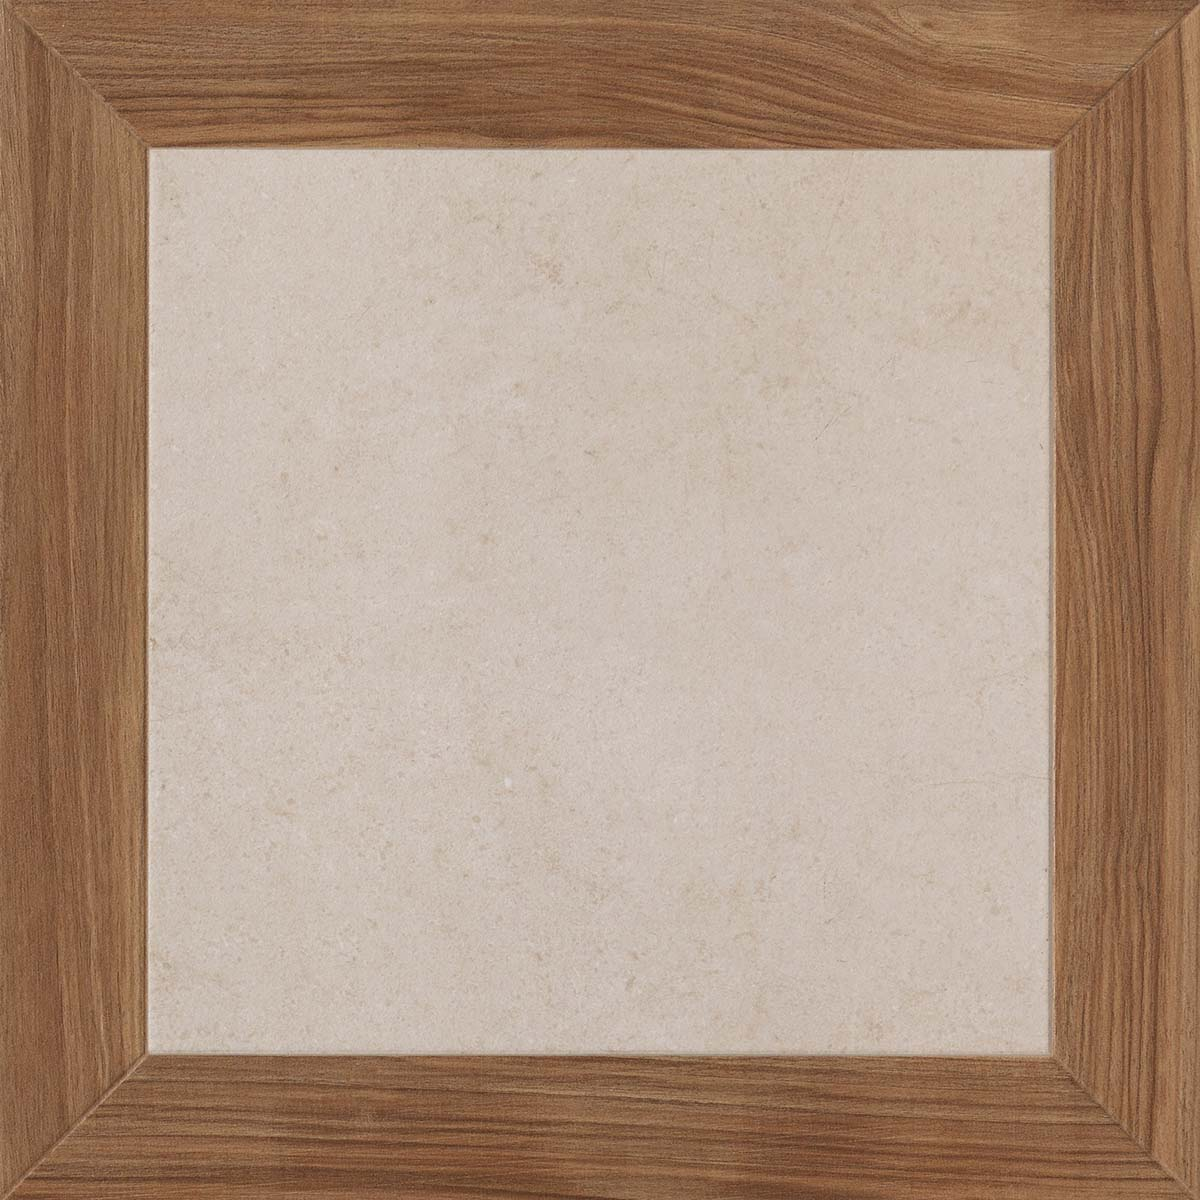 Square marfil– Gạch lát nhập khẩu Ý hãng Settecento